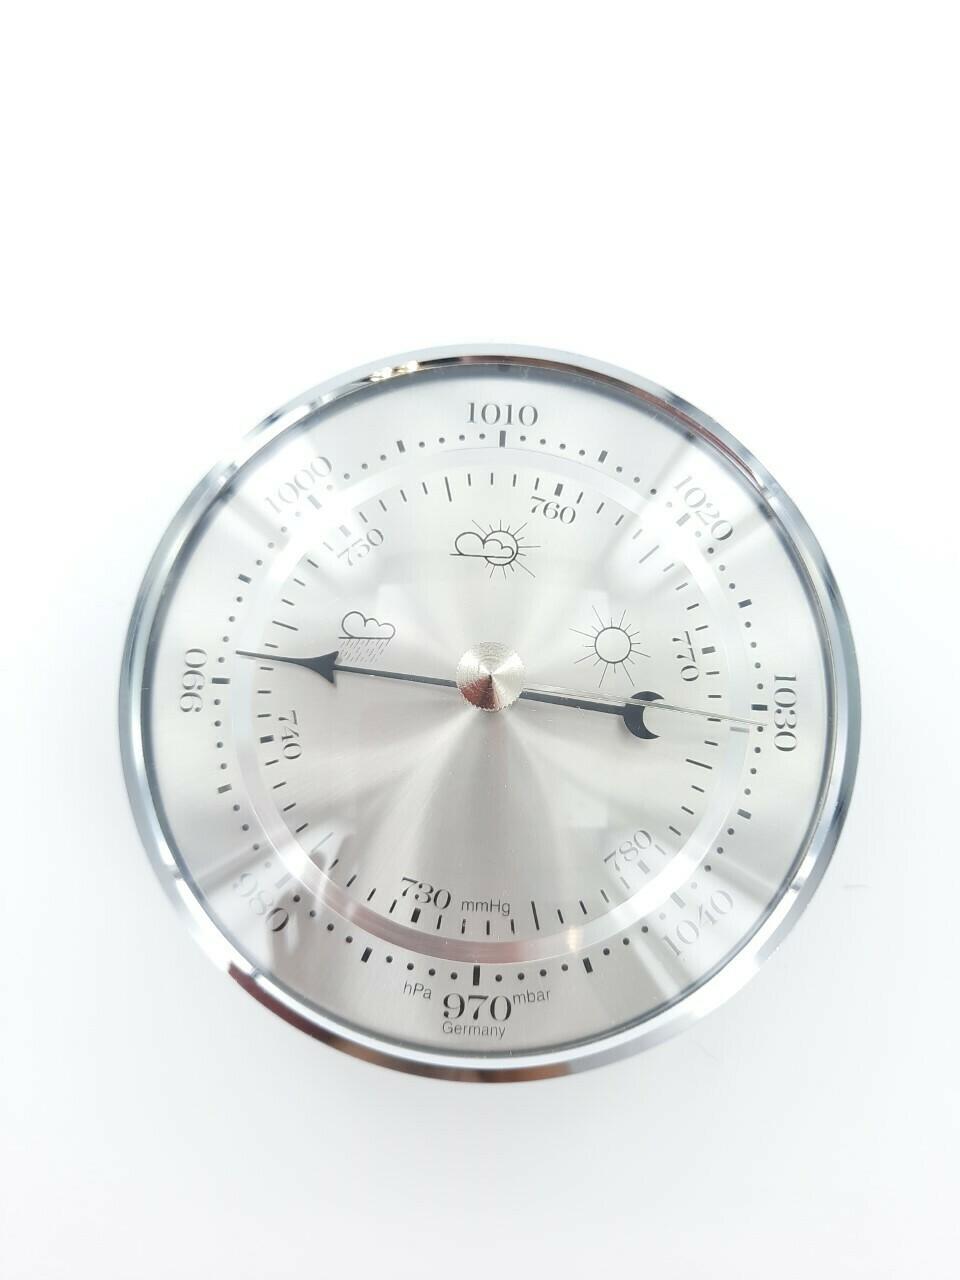 Baromètre K1 100309